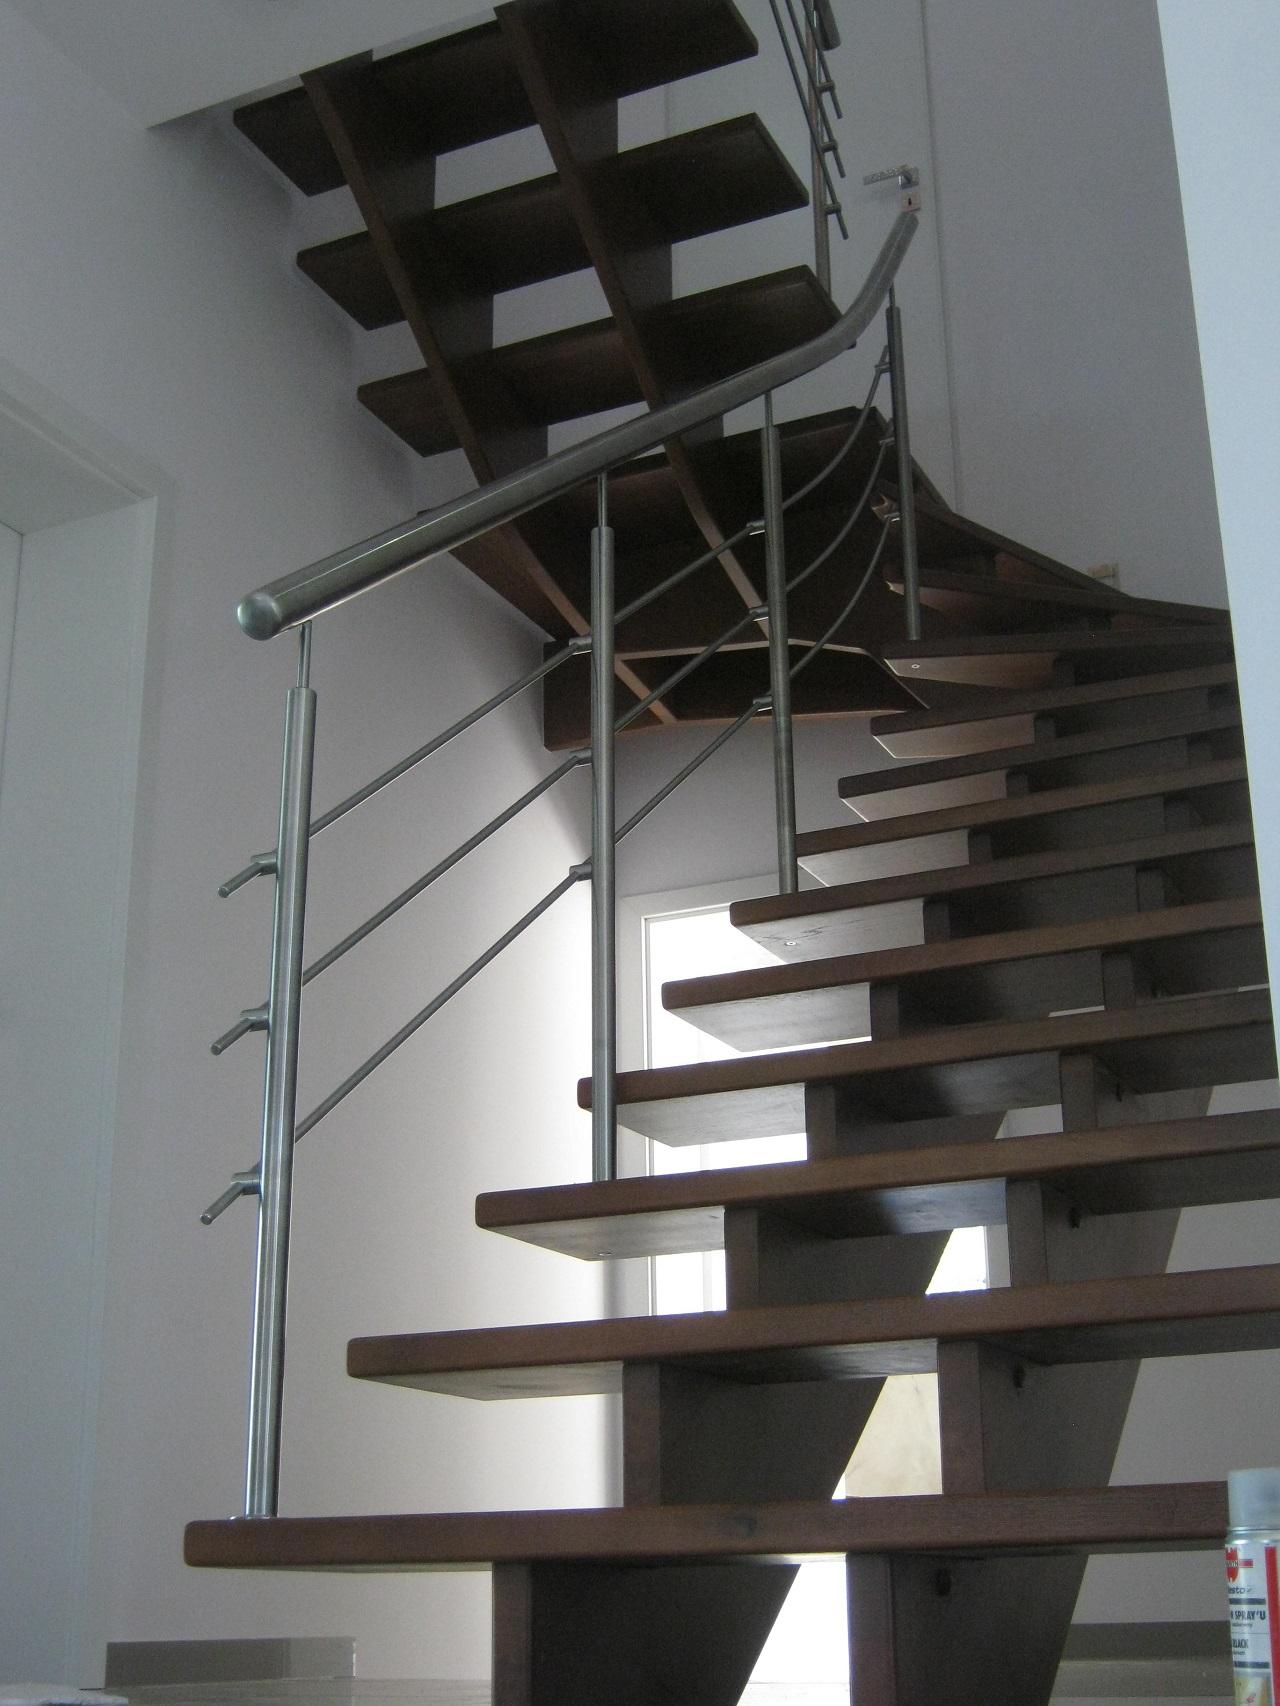 holmtreppen. Black Bedroom Furniture Sets. Home Design Ideas